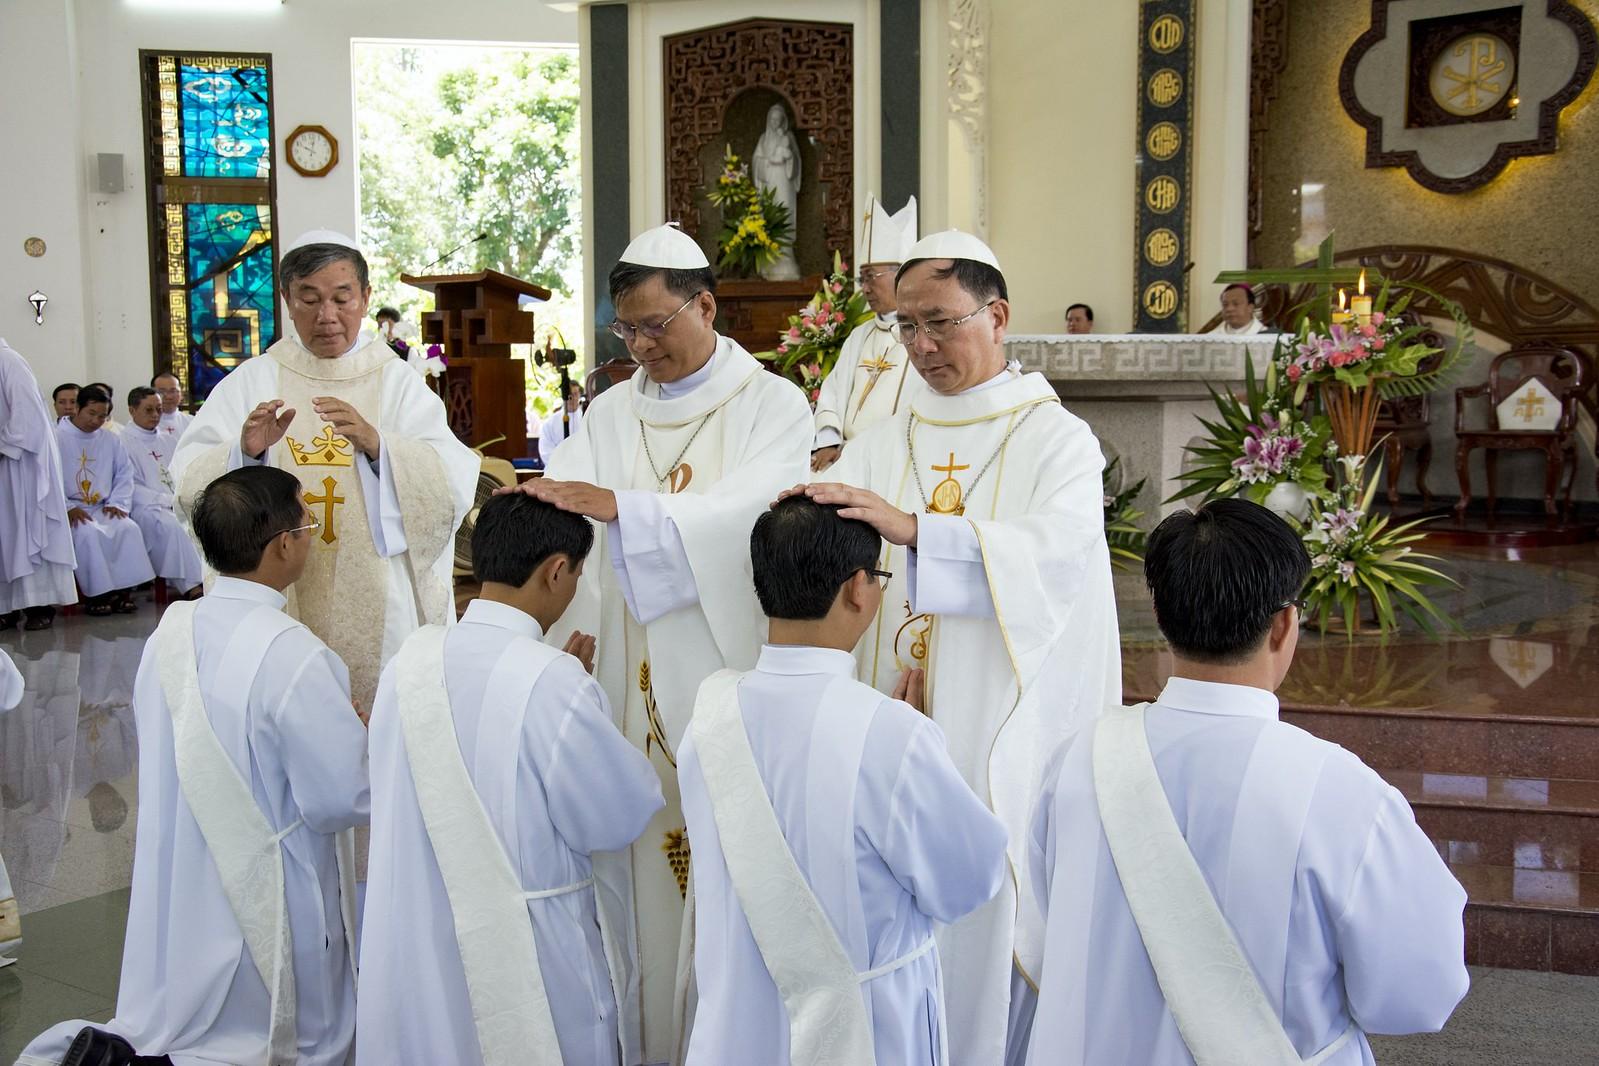 Đan Viện Thánh Mẫu Phước Sơn : Thánh Lễ Truyền Chức Linh Mục - Ảnh minh hoạ 11